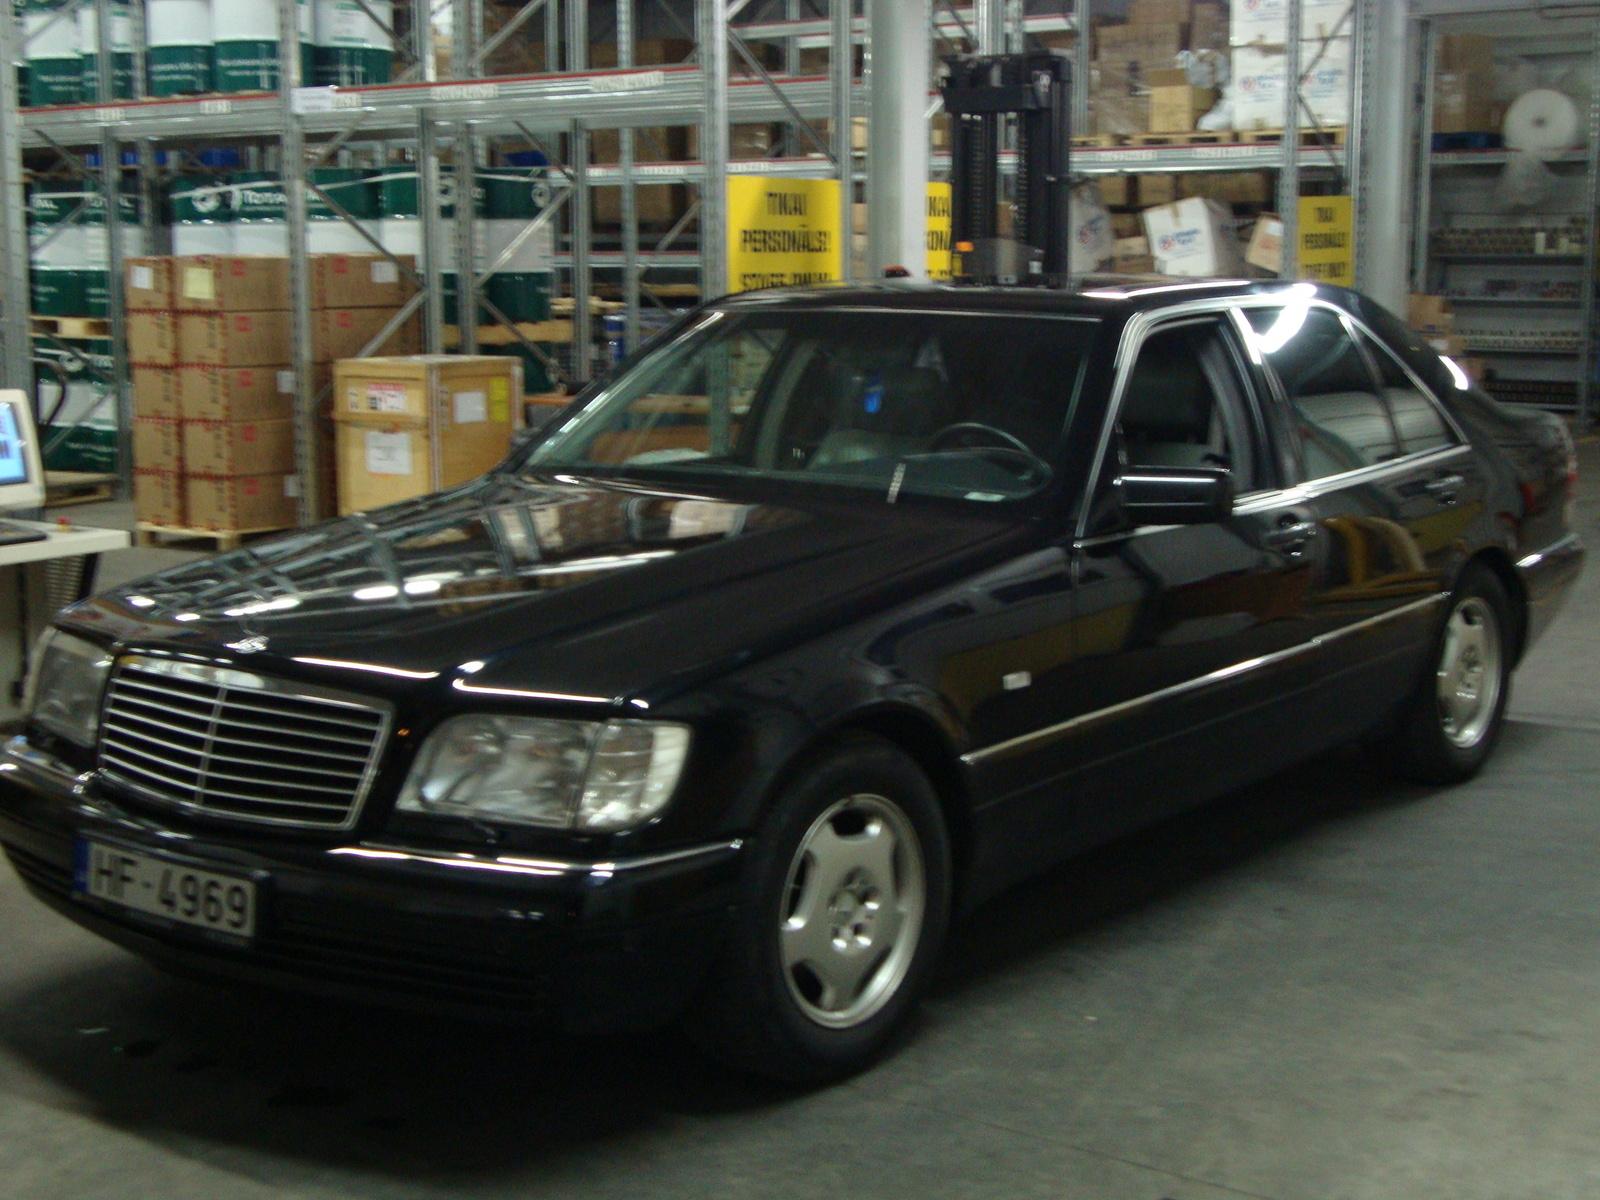 1997 mercedes benz e class information and photos for Mercedes benz e320 1997